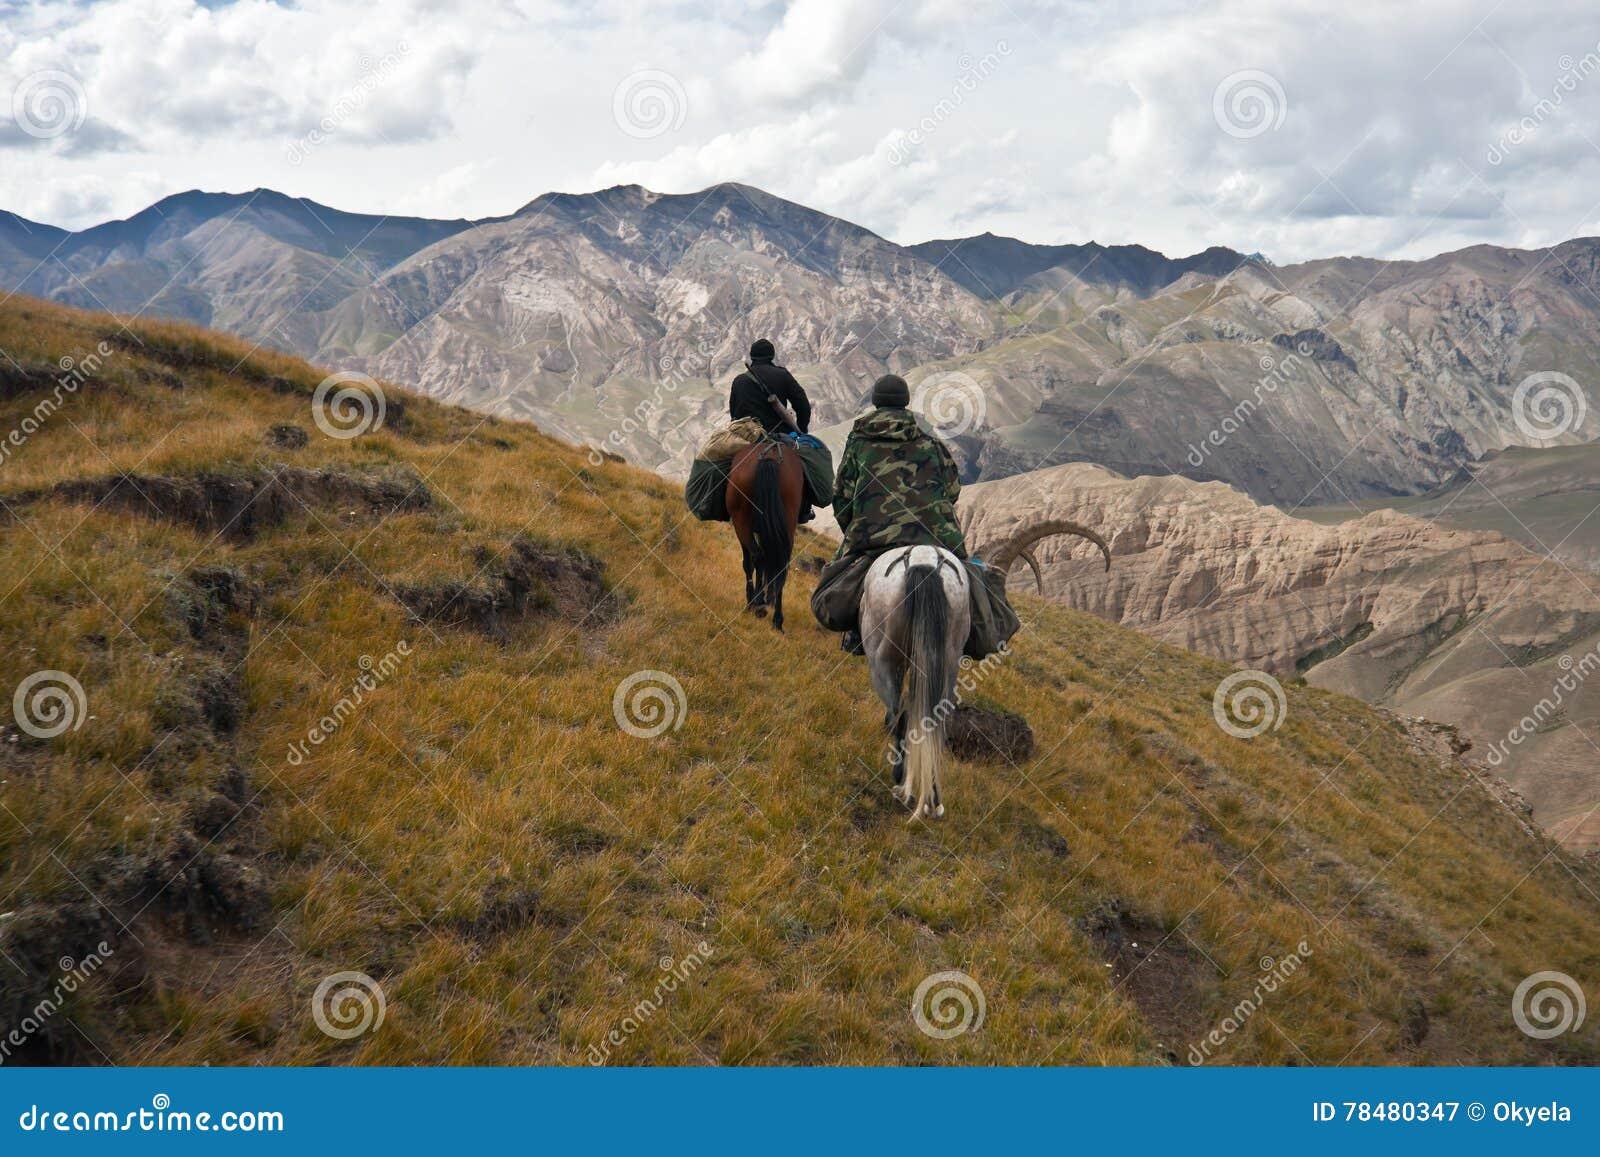 Les chasseurs deux chevaux sont retournés avec un trophée après une chasse